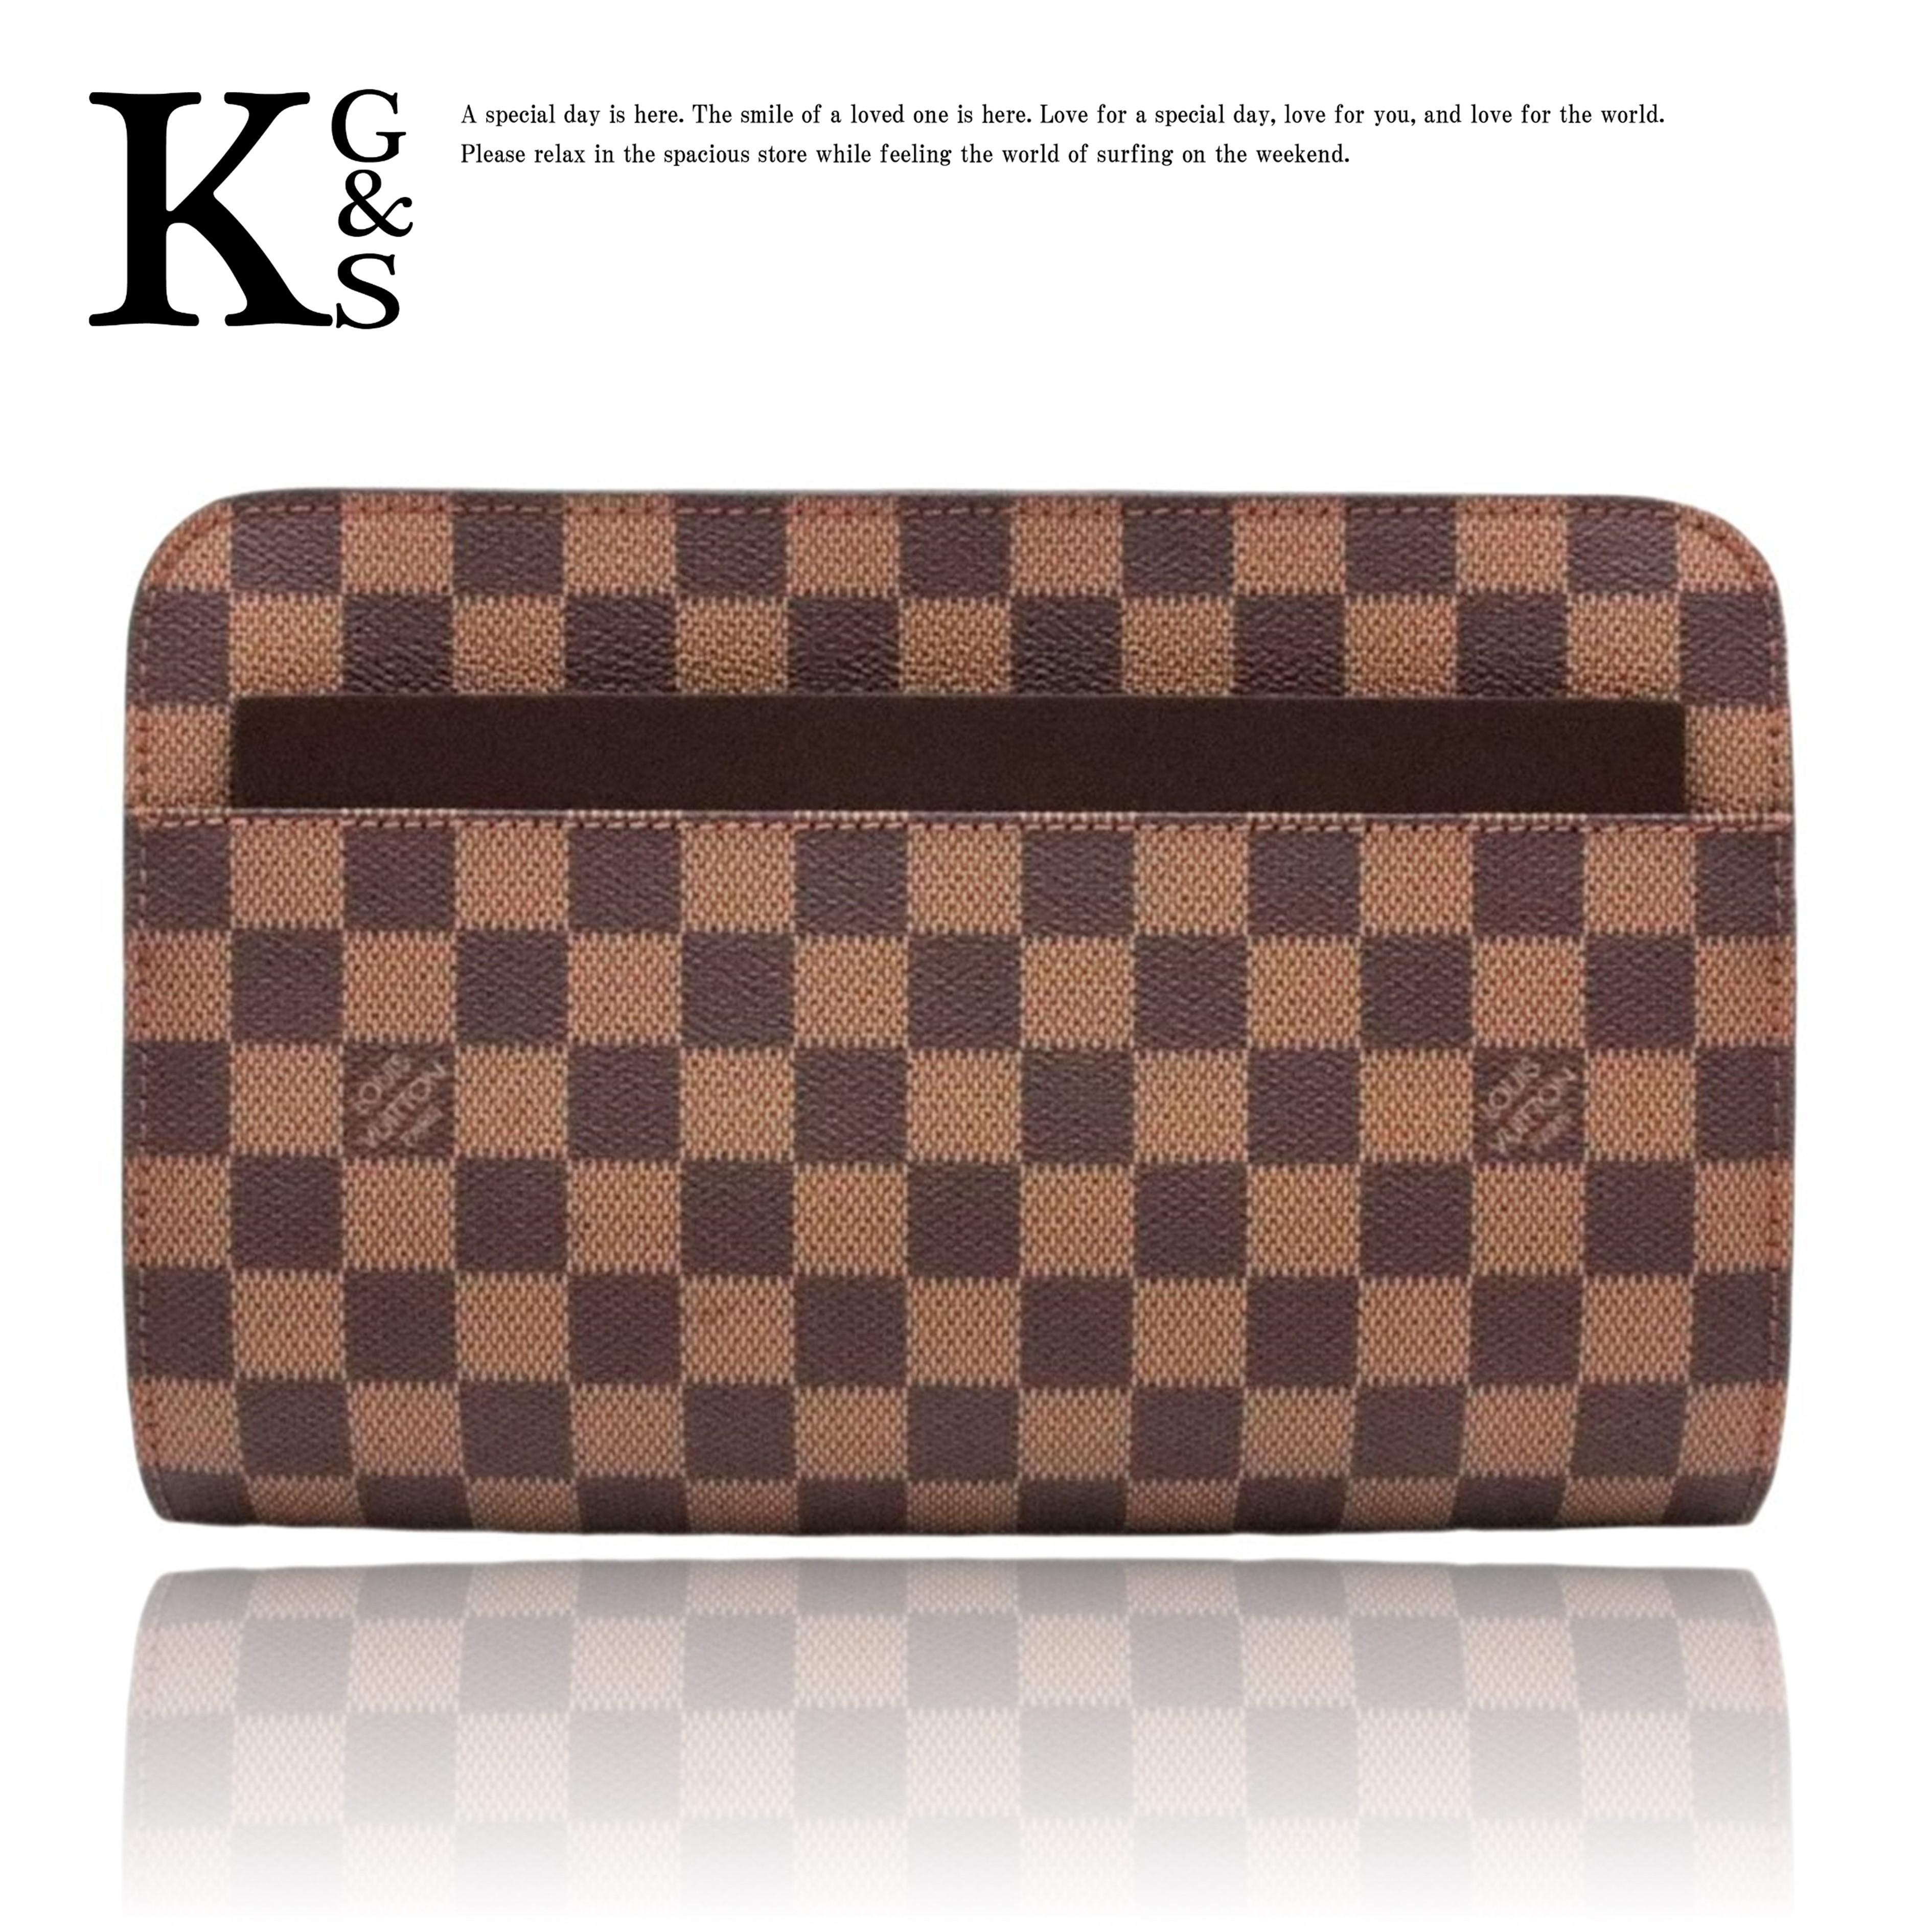 【新古品】ルイヴィトン/Louis Vuitton ダミエ サンルイ N51993 FL0032 メンズ セカンドバッグ ブラウン ダミエキャンバス